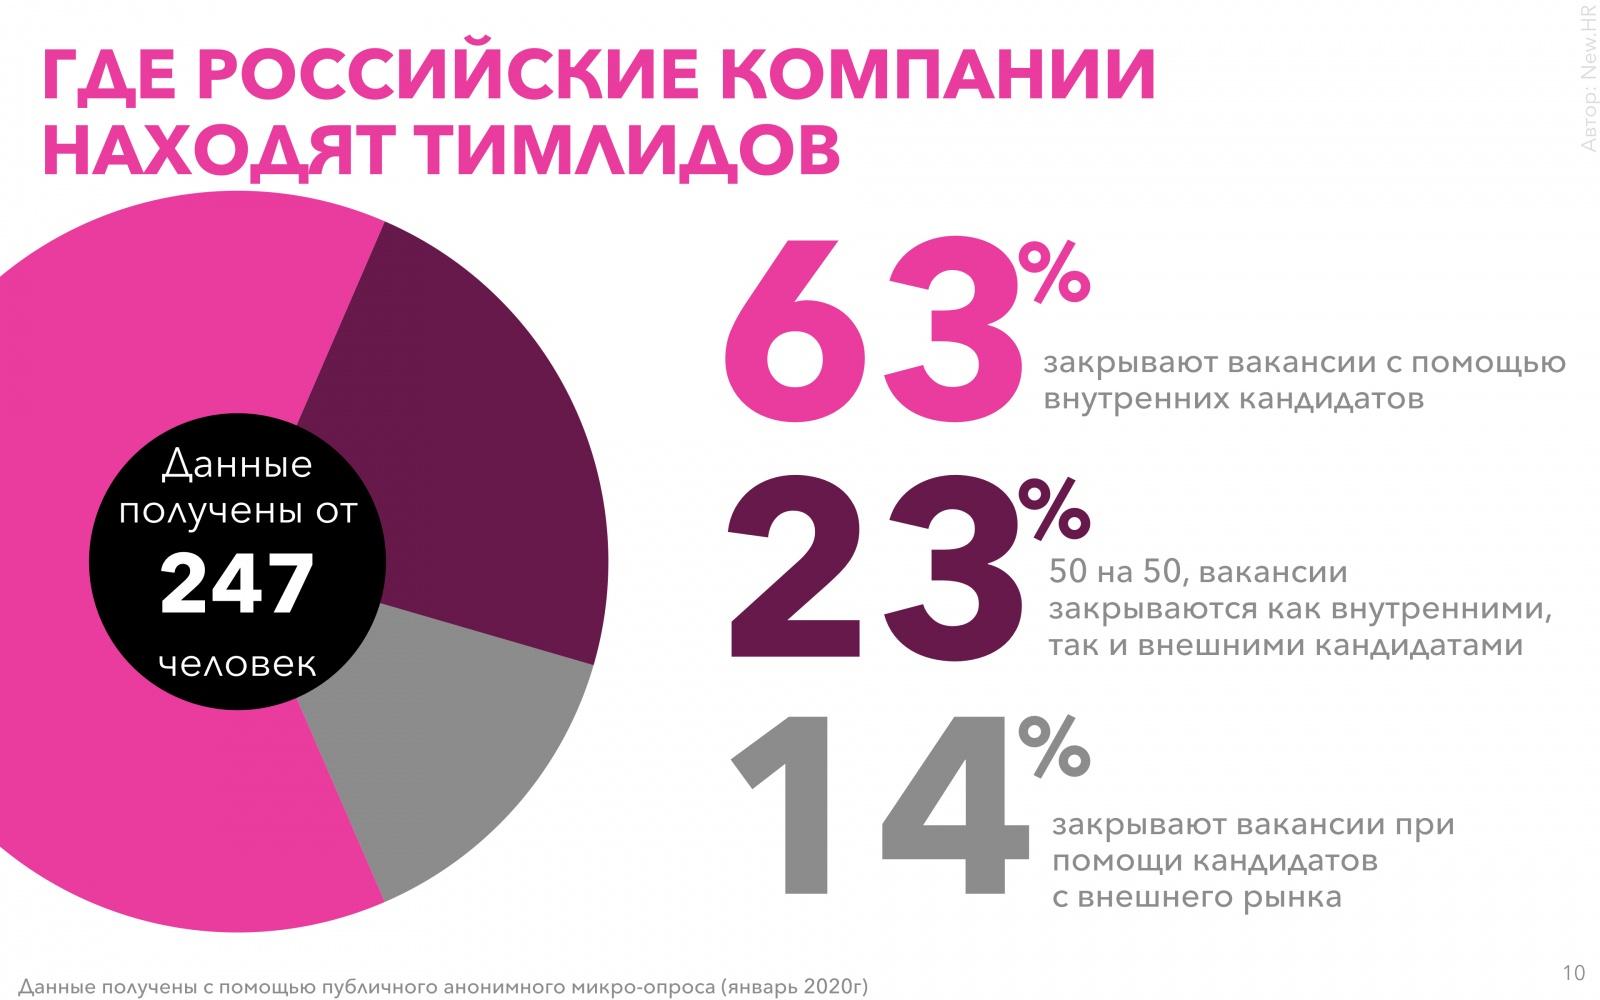 Исследование рынка тимлидов в России - 10